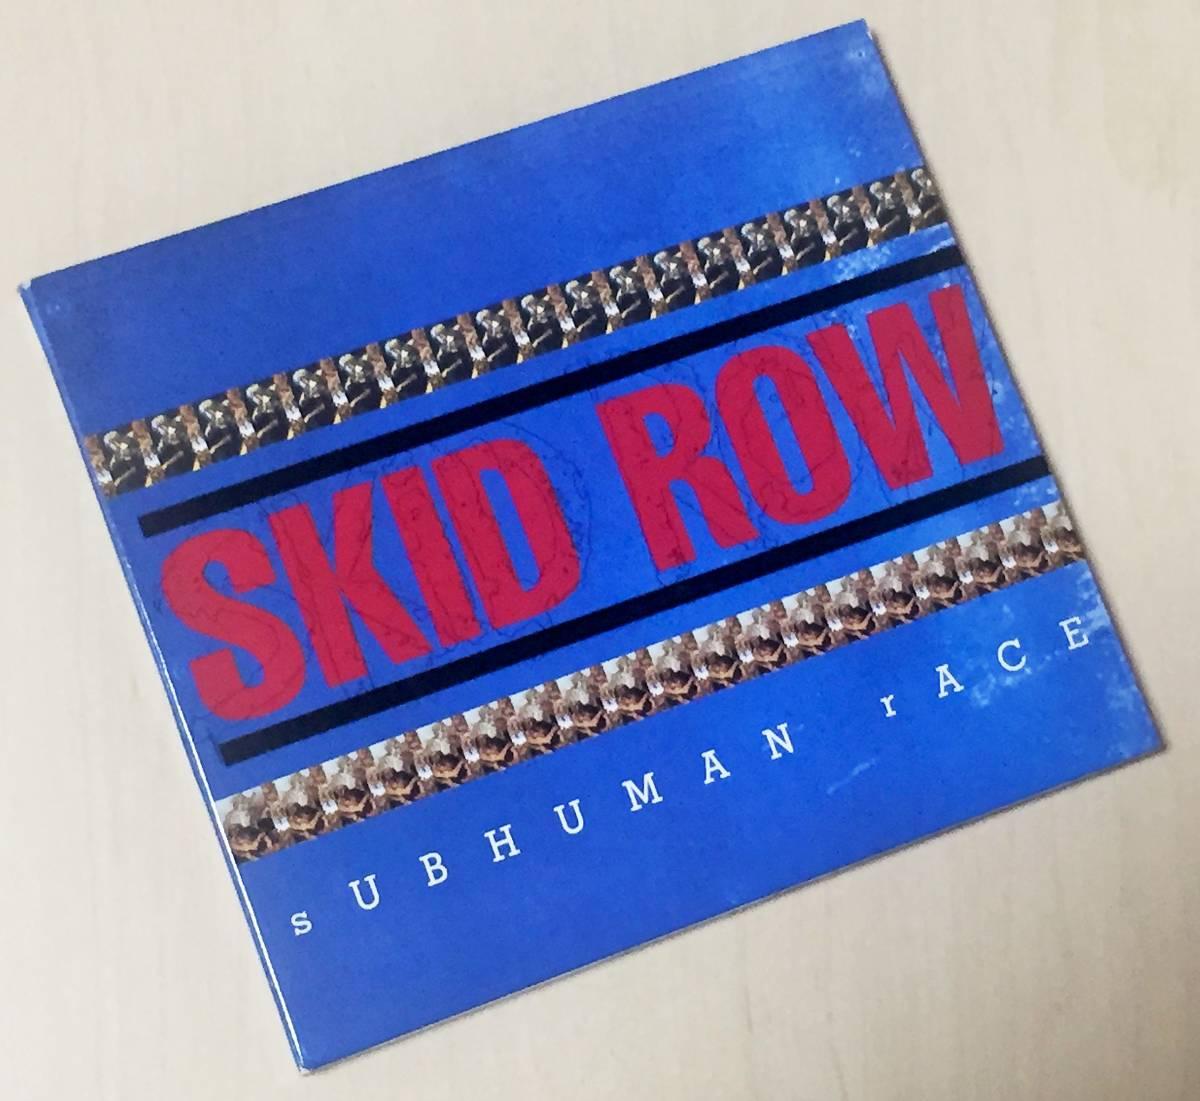 スキッド・ロウの1995年発売のインポートCD 「サブヒューマン・レース」 13曲入りのデジパック仕様 西ドイツ盤です。_画像2